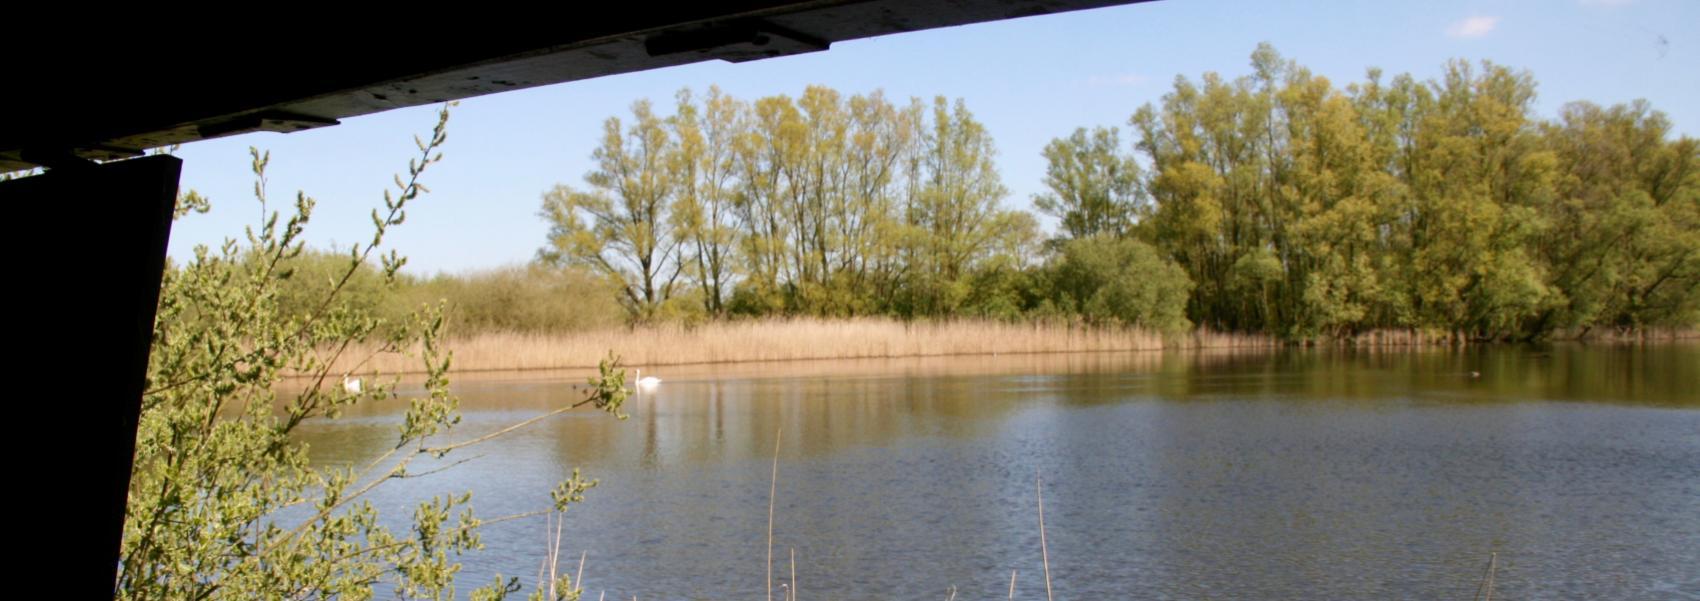 zicht op het water vanuit de kijkhut